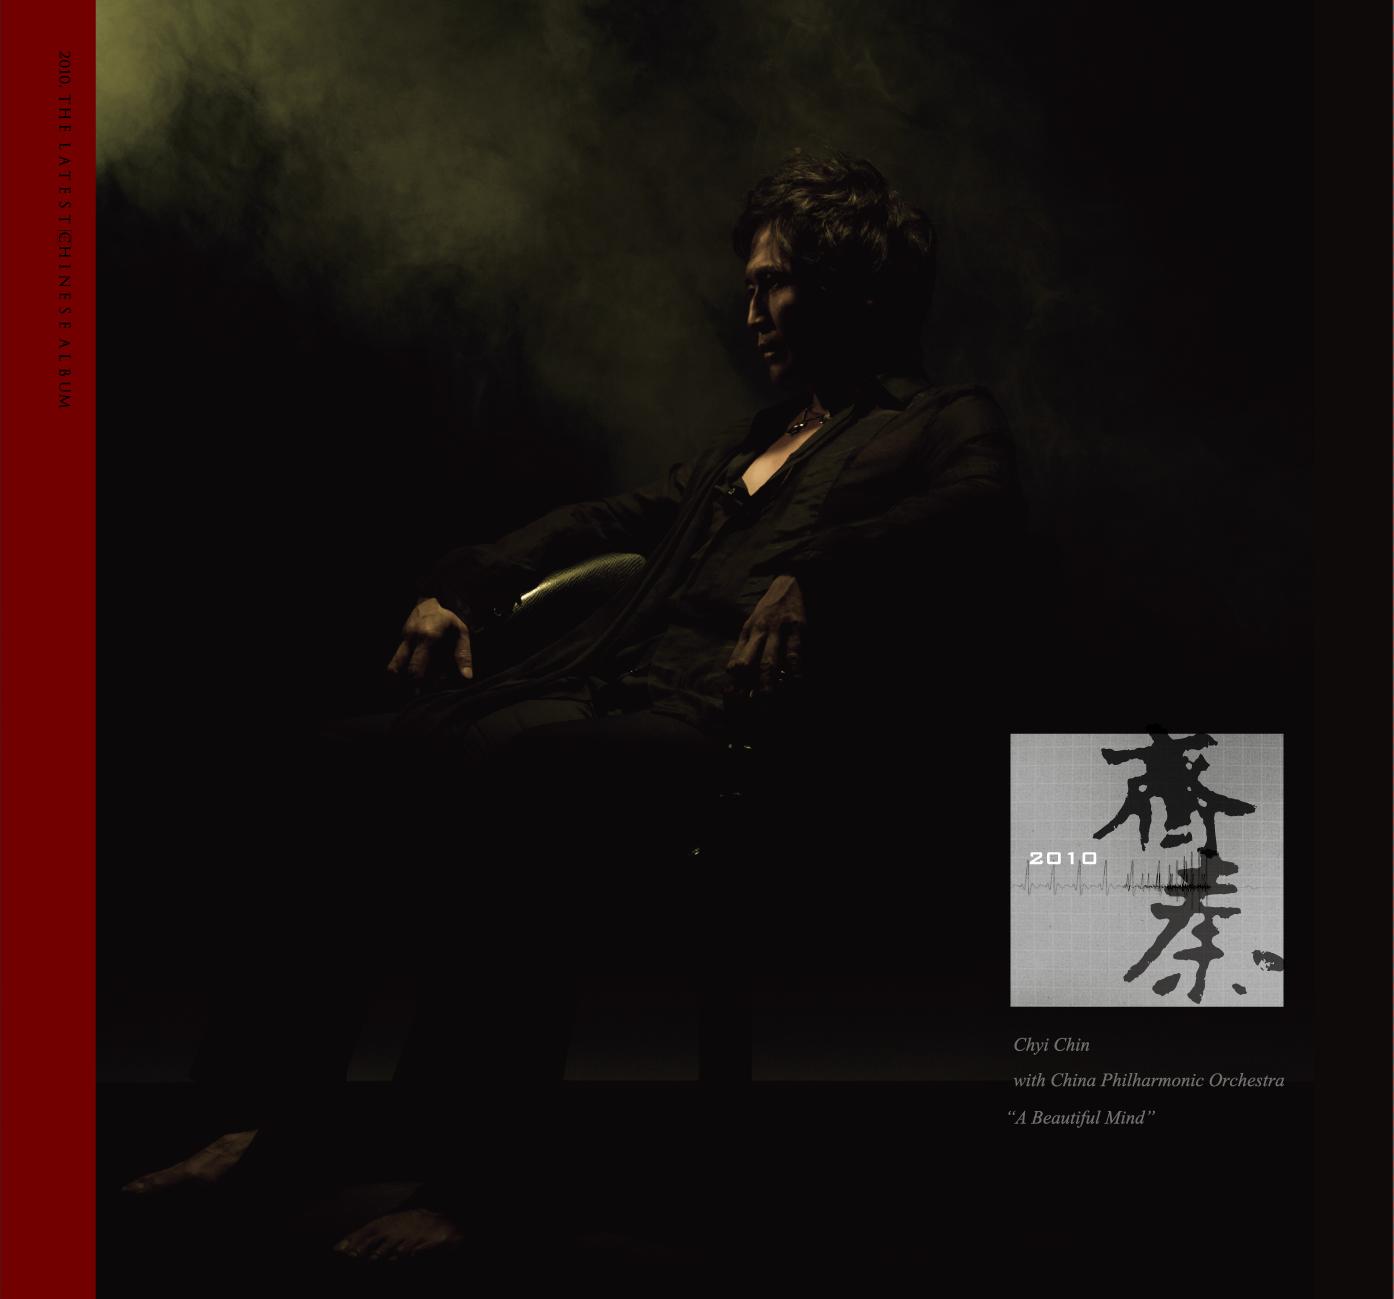 【聆听  齐秦】 - 南风 - 南 风 园  Music